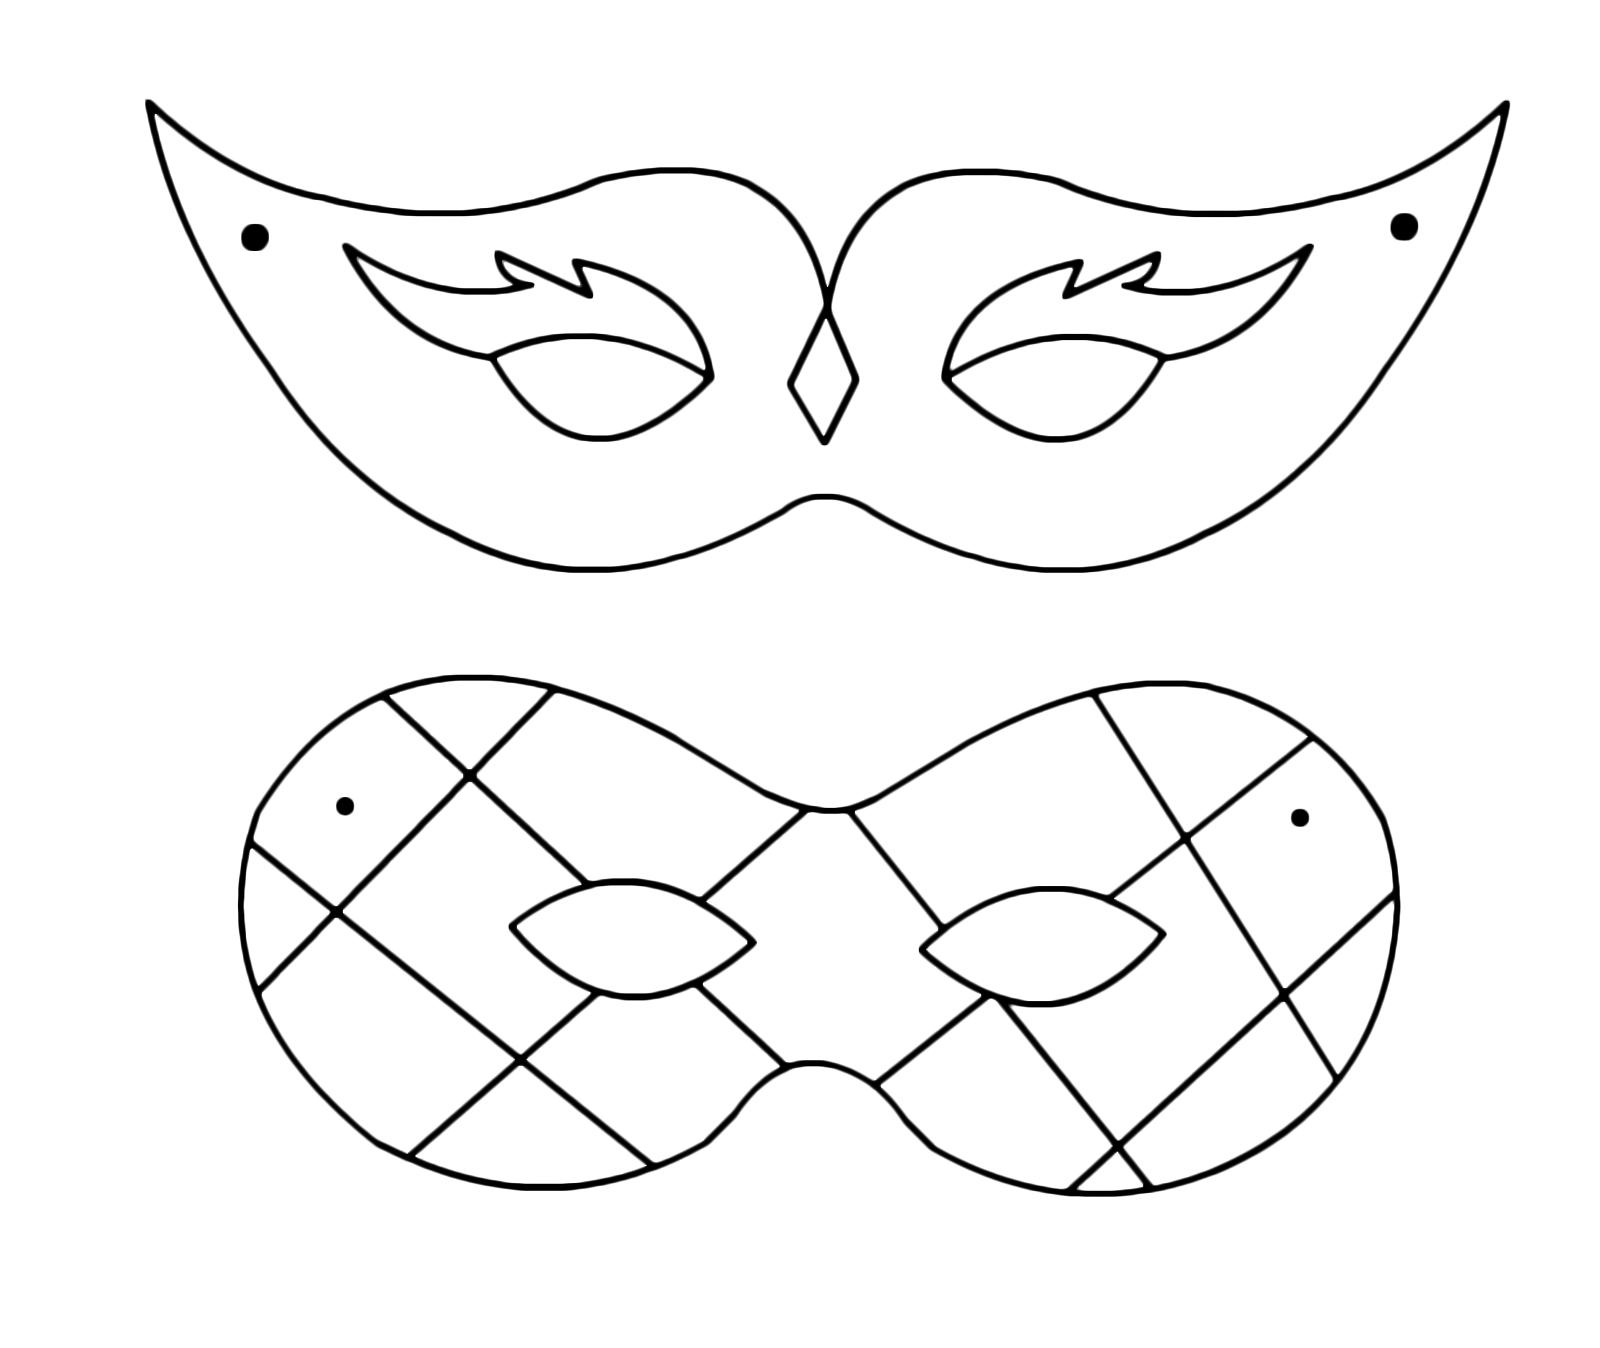 Disegni Di Maschere Di Carnevale Da Colorare.Carnevale Una Maschera Di Arlecchino E Una Da Dama Da Colorare